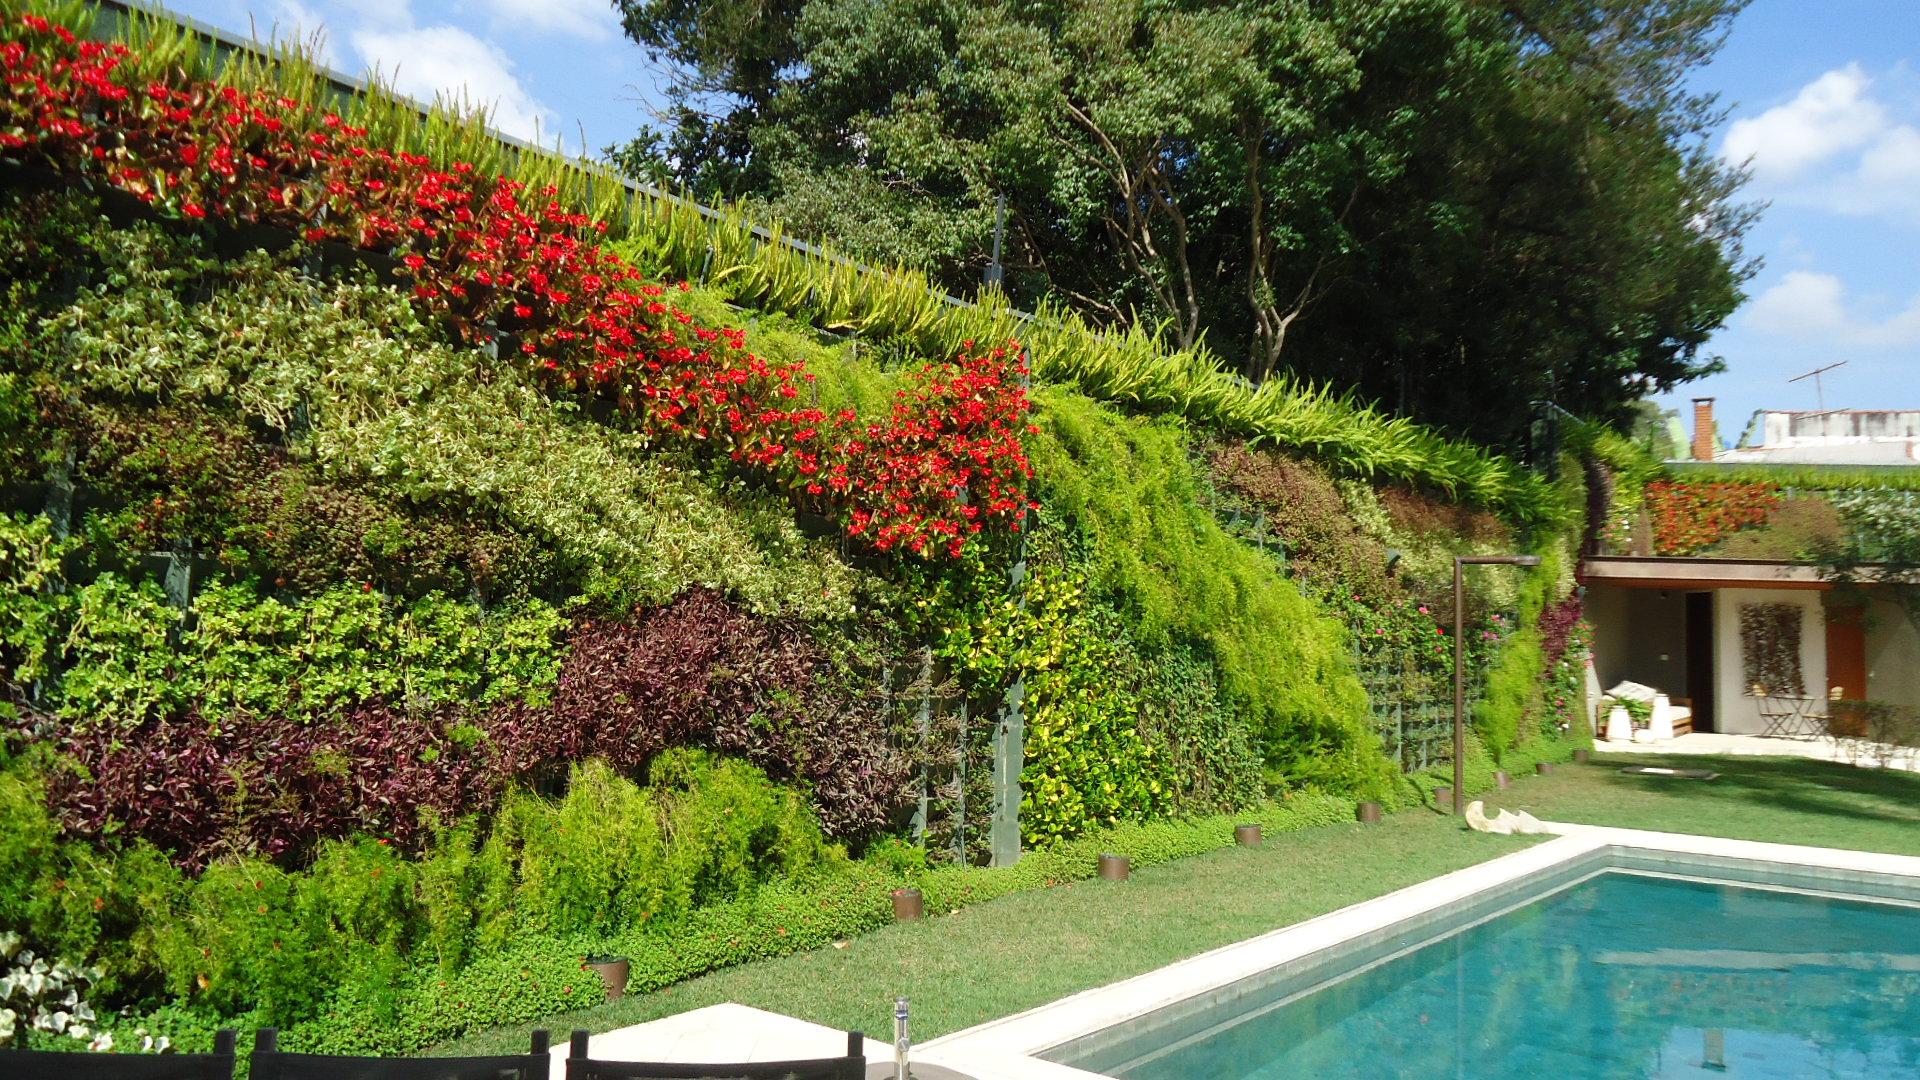 60 Fotos De Muros Decorados Com Plantass 243 Decor